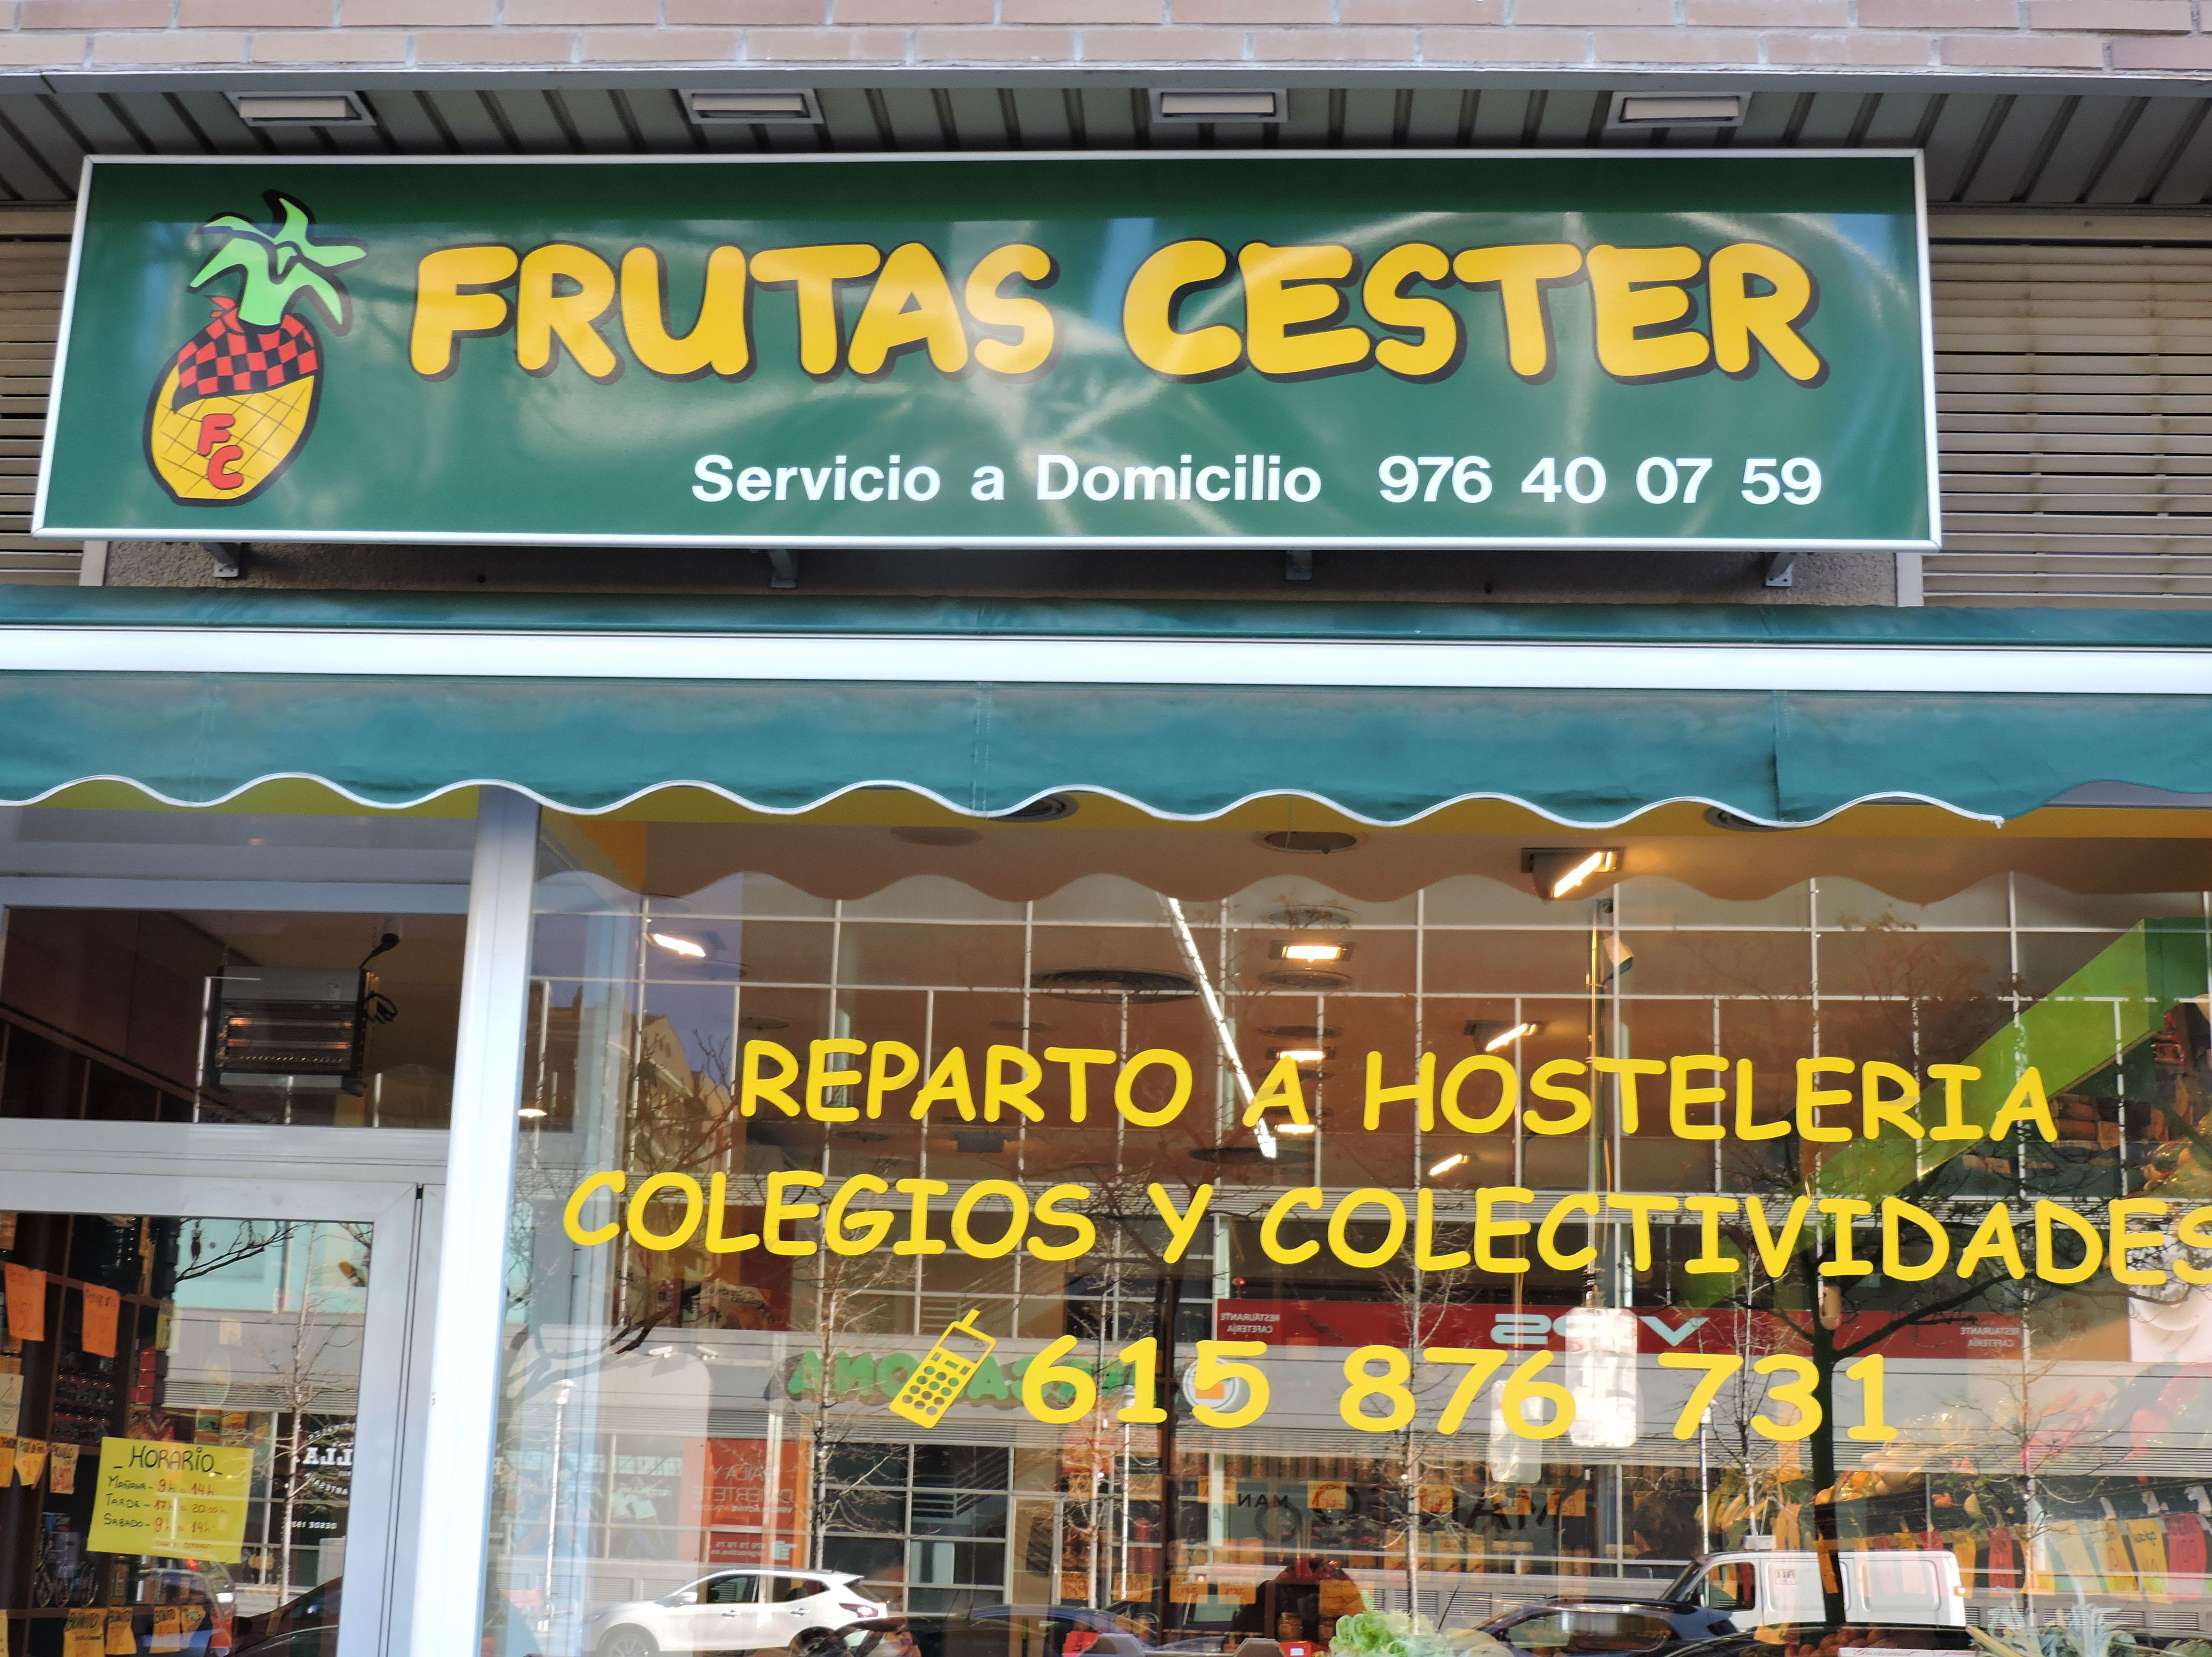 Servicio gratuito a domicilio o recoger en tienda: Catálogo de Frutas Cester